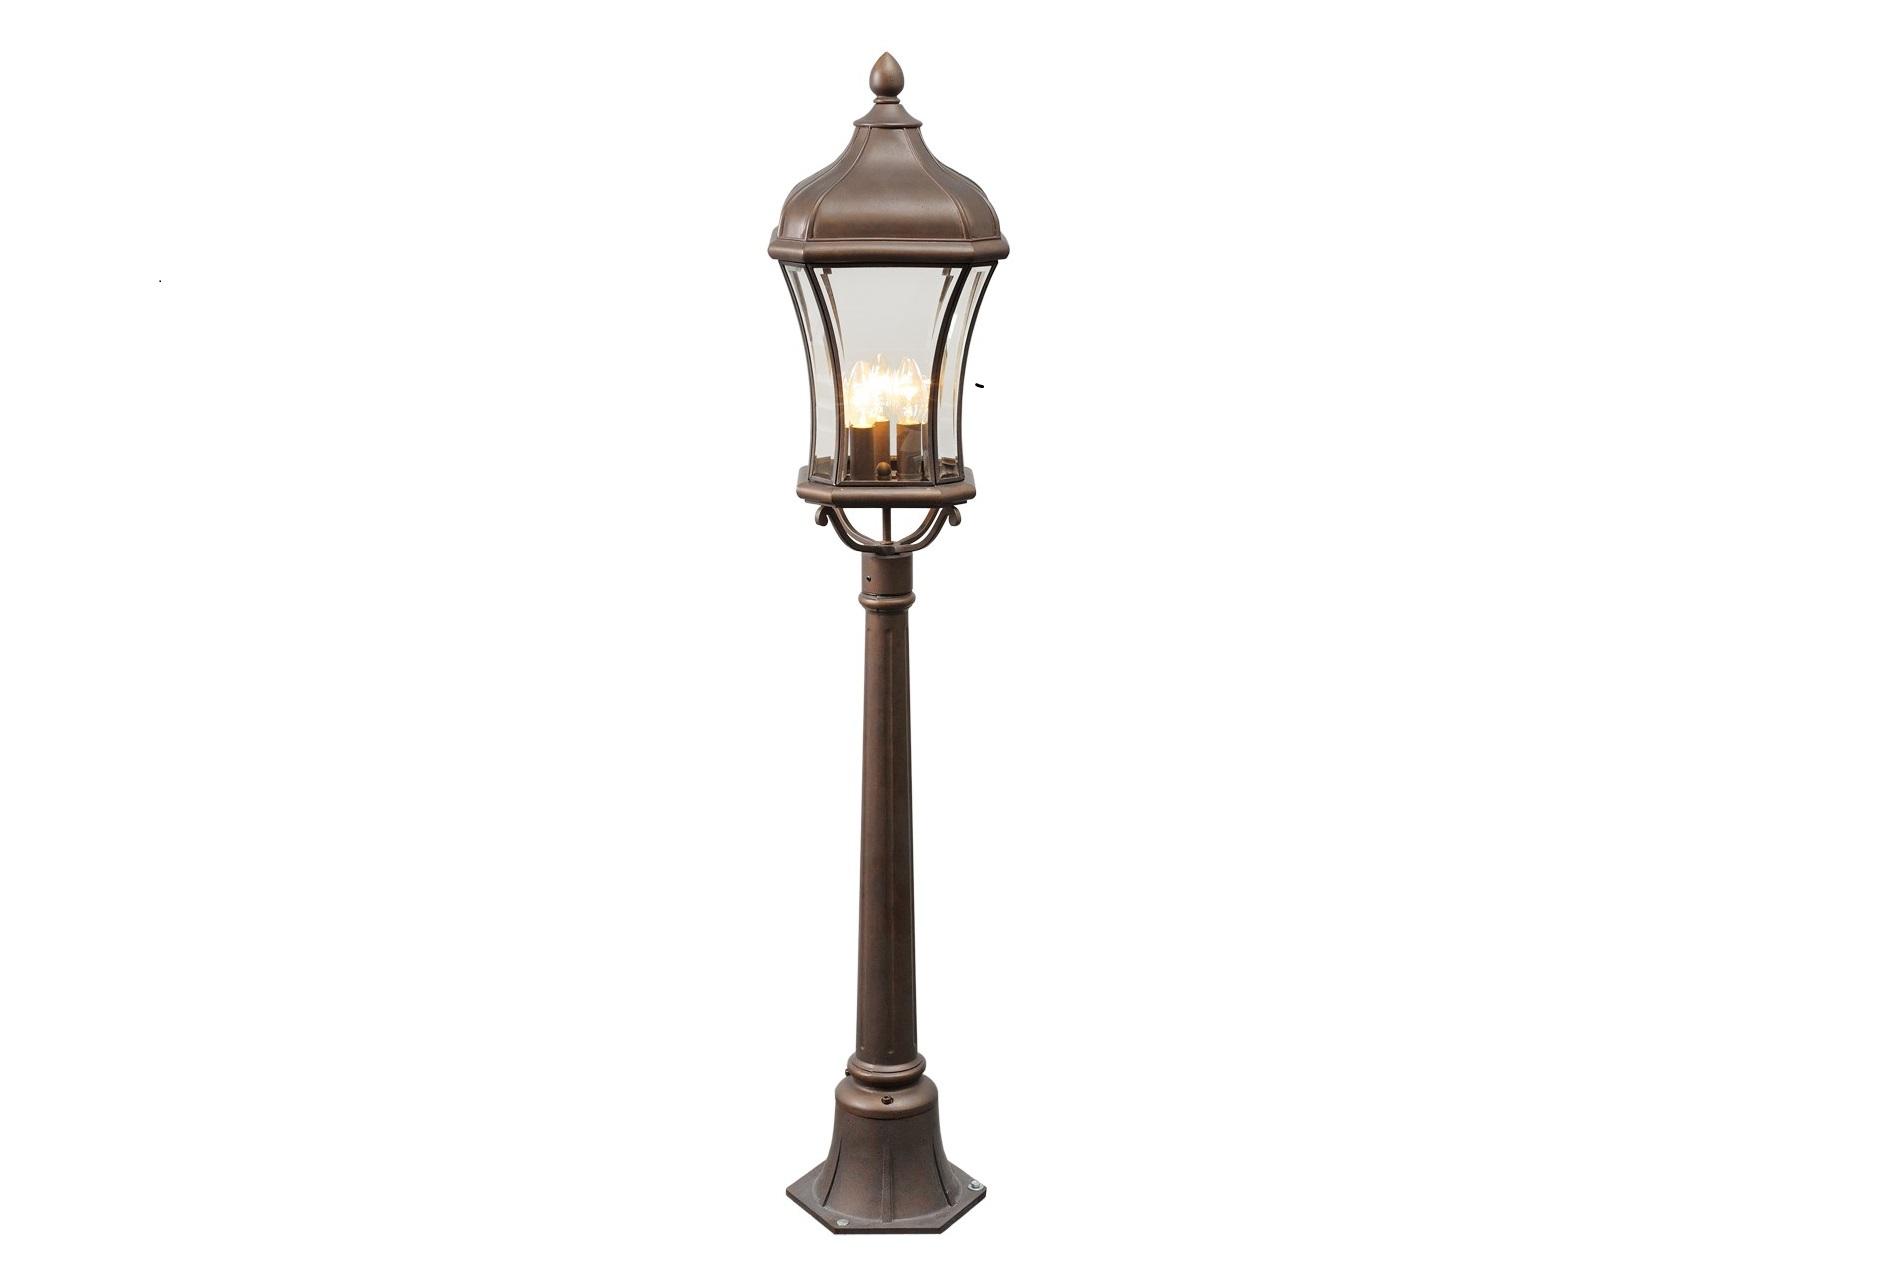 Уличный светильник ШатоУличные наземные светильники<br>&amp;lt;div&amp;gt;Плавные линии изогнутого контура уличного светильника из коллекции Шато подчеркивают романтичность стиля европейских улочек. Изящное металлическое основание кофейного цвета с &amp;amp;nbsp;искусно состаренной фактурной поверхностью, изогнутая форма стёкол с закалённым краем составляют оригинальный дизайн экстерьерного светильника из коллекции Шато.&amp;lt;/div&amp;gt;&amp;lt;div&amp;gt;Металлическое основание &amp;amp;nbsp;цвета кофе с эффектом старения,&amp;lt;/div&amp;gt;&amp;lt;div&amp;gt;&amp;amp;nbsp;искусственный каучук,&amp;amp;nbsp;&amp;lt;span style=&amp;quot;line-height: 1.78571;&amp;quot;&amp;gt;плафоны из стекла.&amp;lt;/span&amp;gt;&amp;lt;/div&amp;gt;&amp;lt;div&amp;gt;&amp;lt;span style=&amp;quot;line-height: 1.78571;&amp;quot;&amp;gt;&amp;lt;br&amp;gt;&amp;lt;/span&amp;gt;&amp;lt;/div&amp;gt;&amp;lt;div&amp;gt;Мощность 3*60W&amp;amp;nbsp;&amp;lt;/div&amp;gt;&amp;lt;div&amp;gt;Цоколь E14&amp;lt;/div&amp;gt;&amp;lt;div&amp;gt;&amp;lt;span style=&amp;quot;line-height: 1.78571;&amp;quot;&amp;gt;Степень защиты светильников от<br>пыли и влаги IP&amp;lt;/span&amp;gt;&amp;lt;span style=&amp;quot;line-height: 1.78571;&amp;quot;&amp;gt;23&amp;lt;/span&amp;gt;&amp;lt;/div&amp;gt;<br><br>Material: Металл<br>Length см: 25<br>Width см: 25<br>Height см: 127